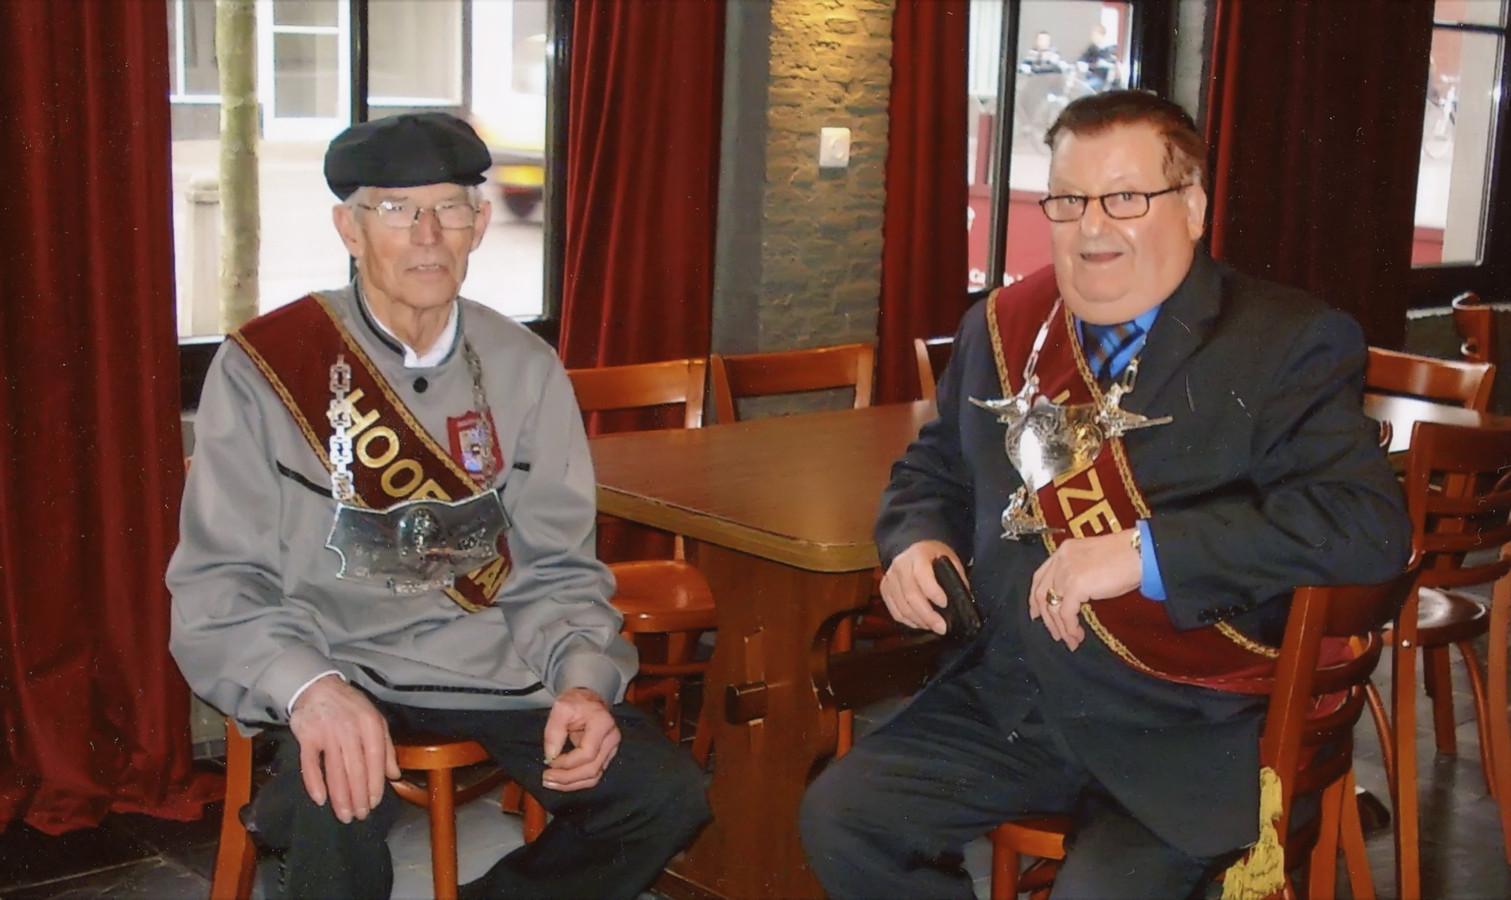 Gildemannen Jan en Toon, vrienden voor het leven in hun stamkroeg De Valk in Wernhout.